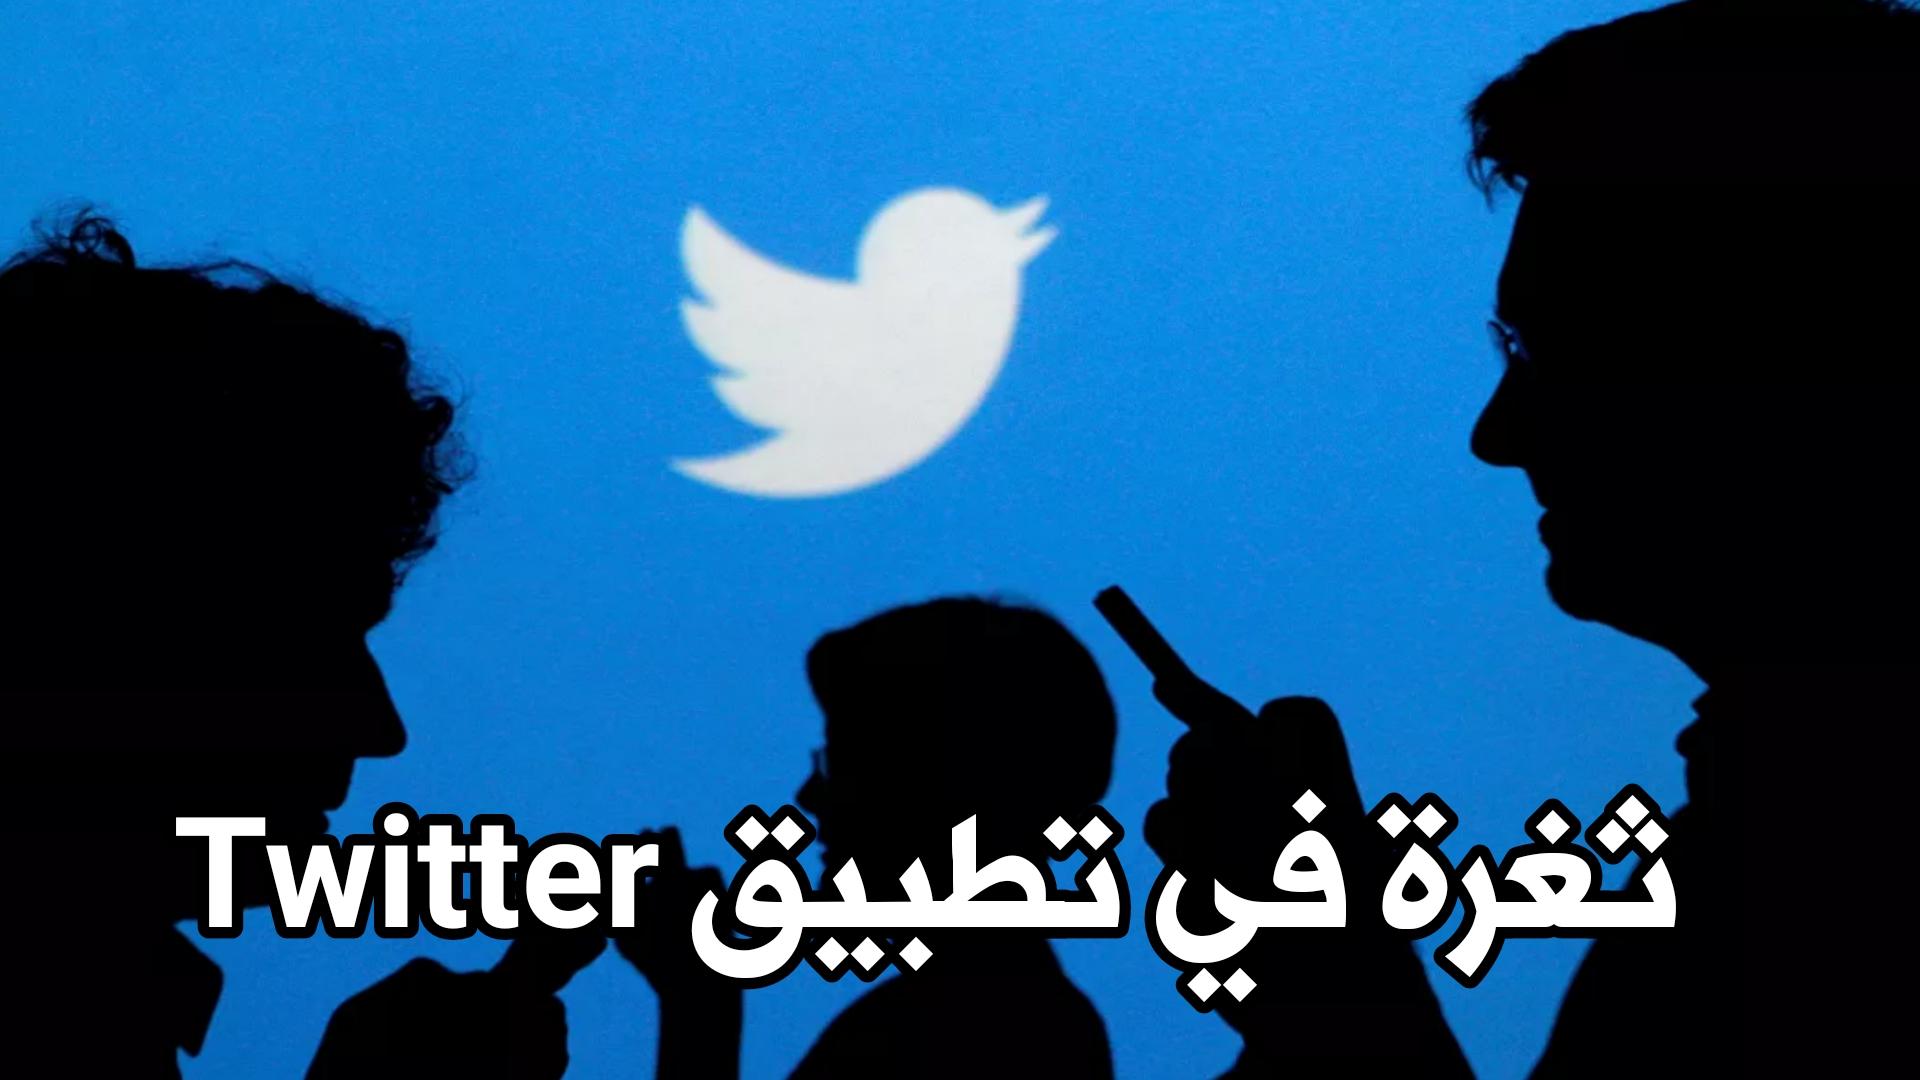 ثغرة في تطبيق Twitter تسمح بكشف الرسائل الخاصة ! سارع وحدث التطبيق الآن!